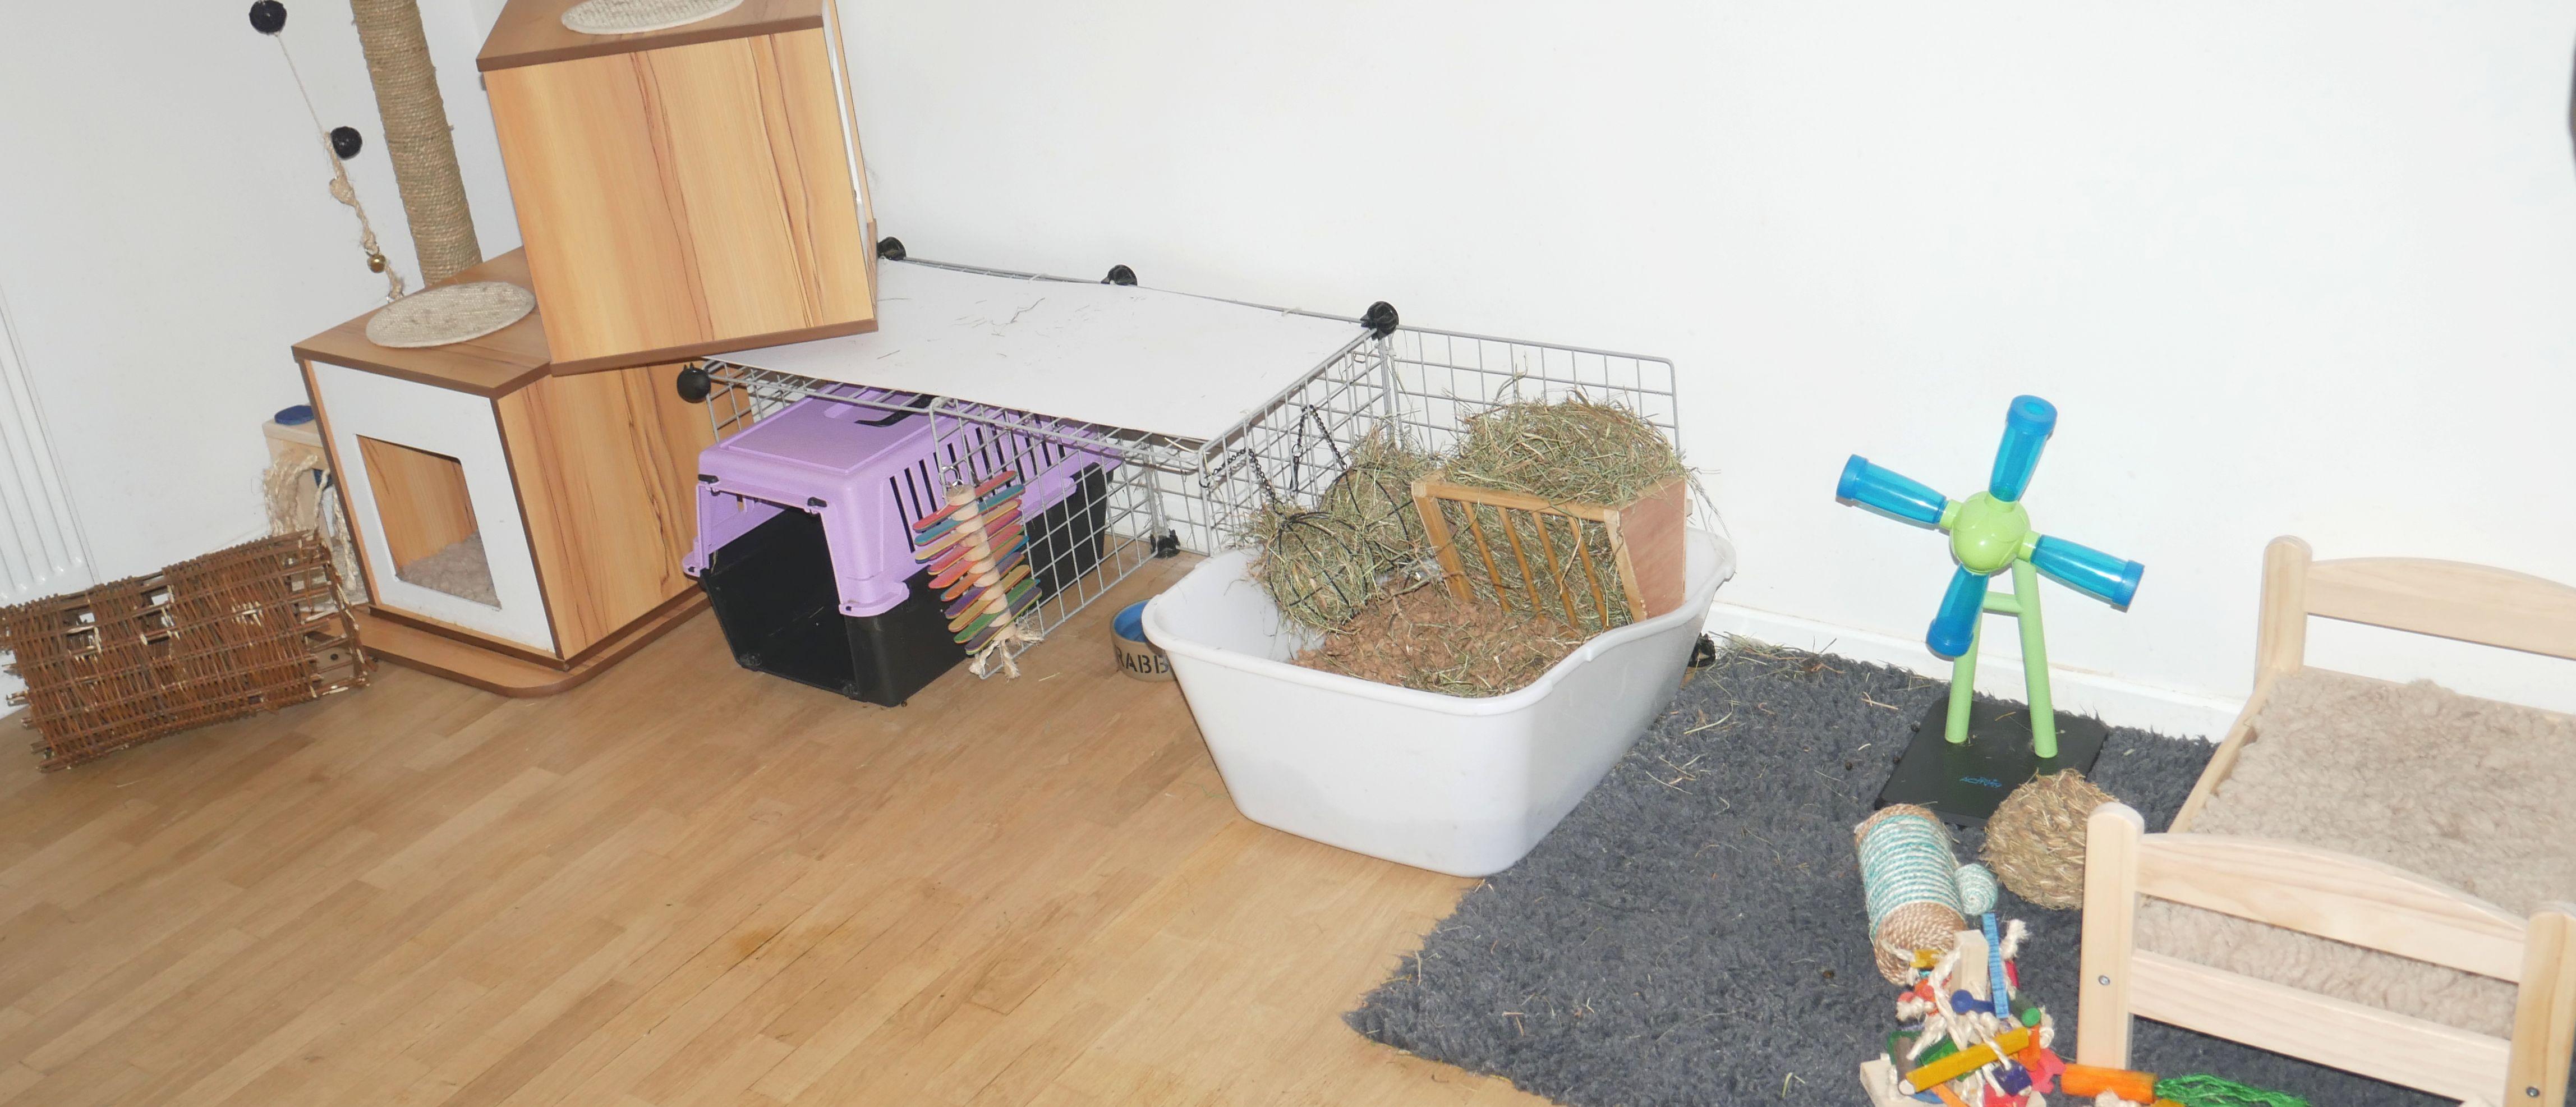 Arbre à chat, plateforme, coin litière et jouets